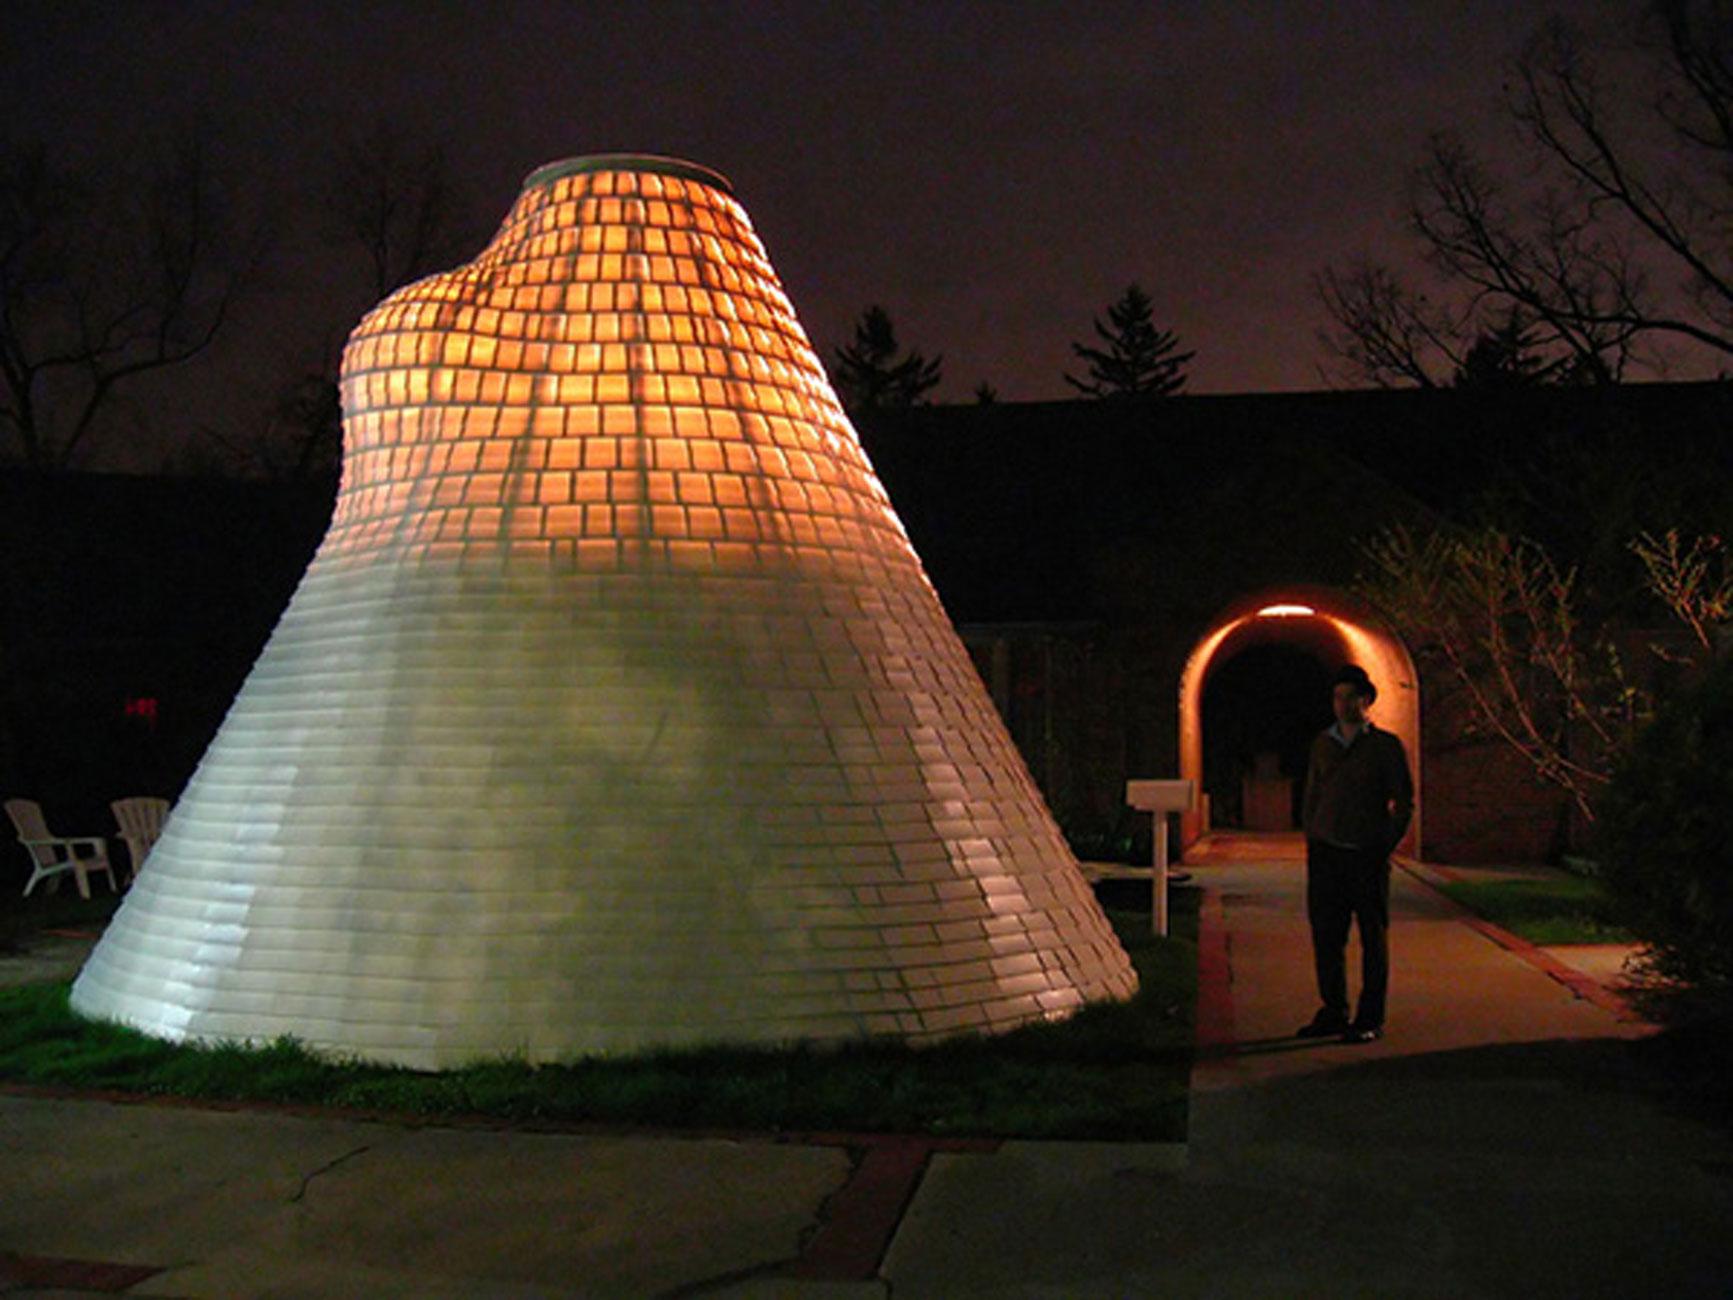 Native American Tent Architecture Futuristic Tipi Design